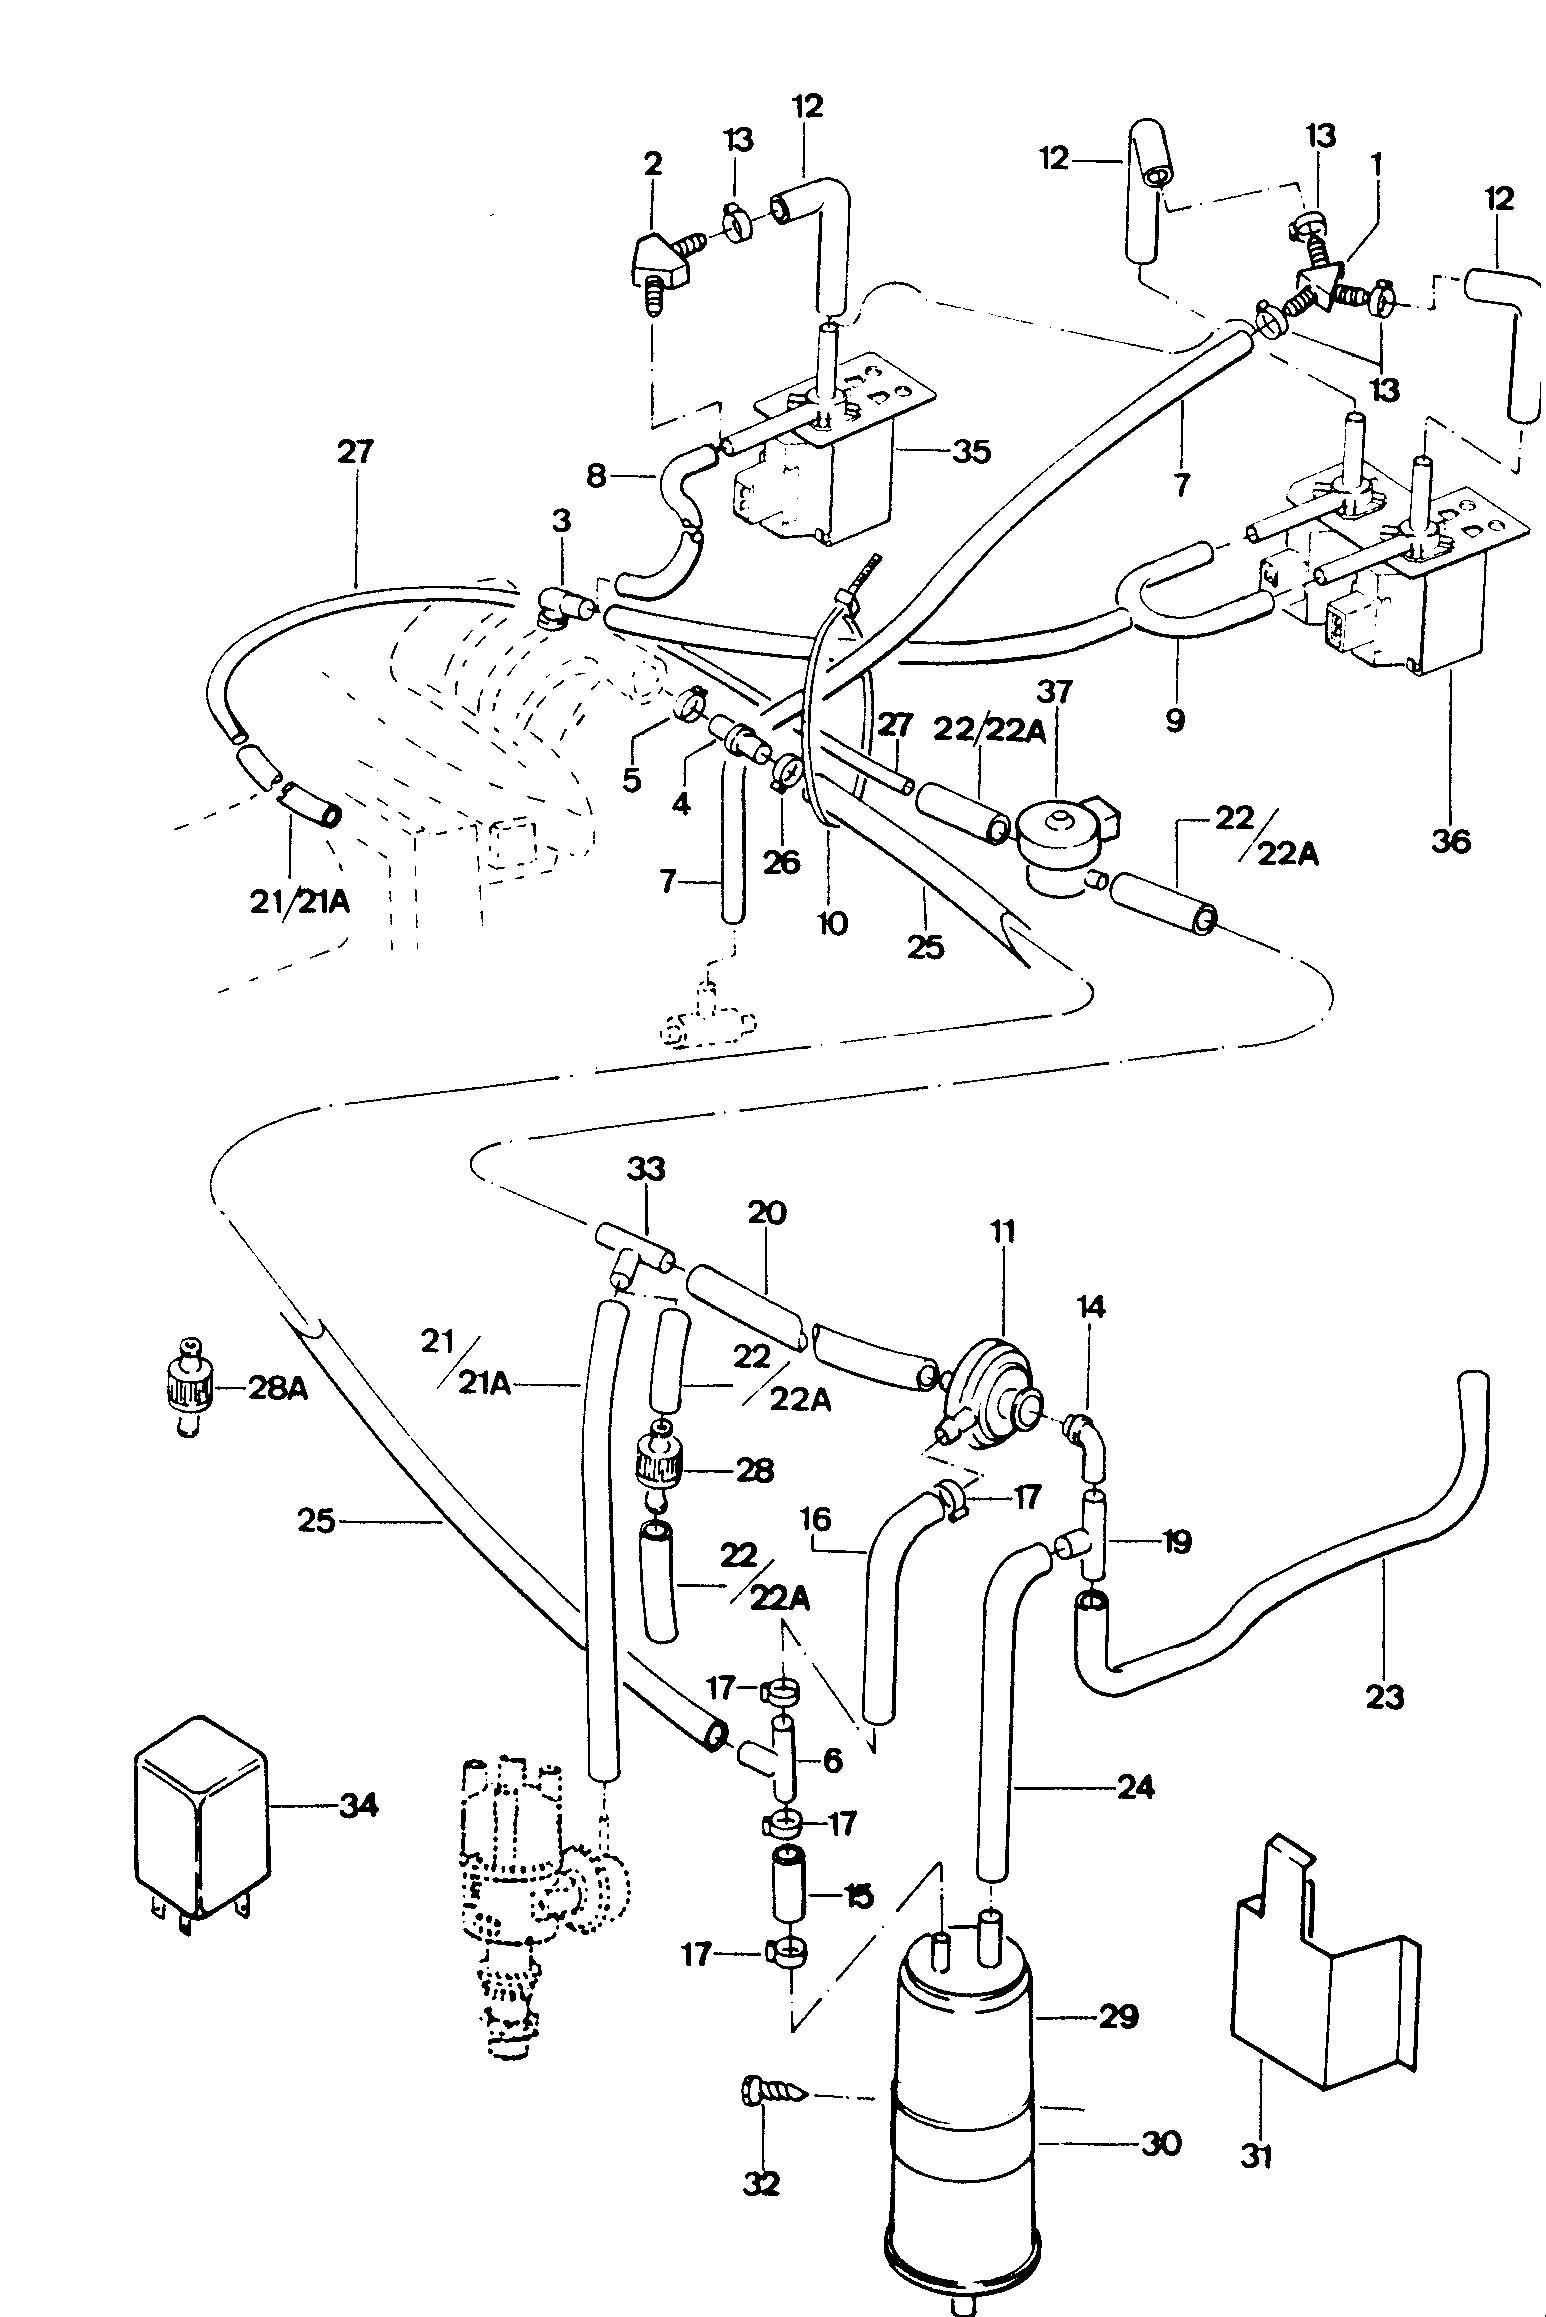 download manual repair engine jetta a4 pdf torrent